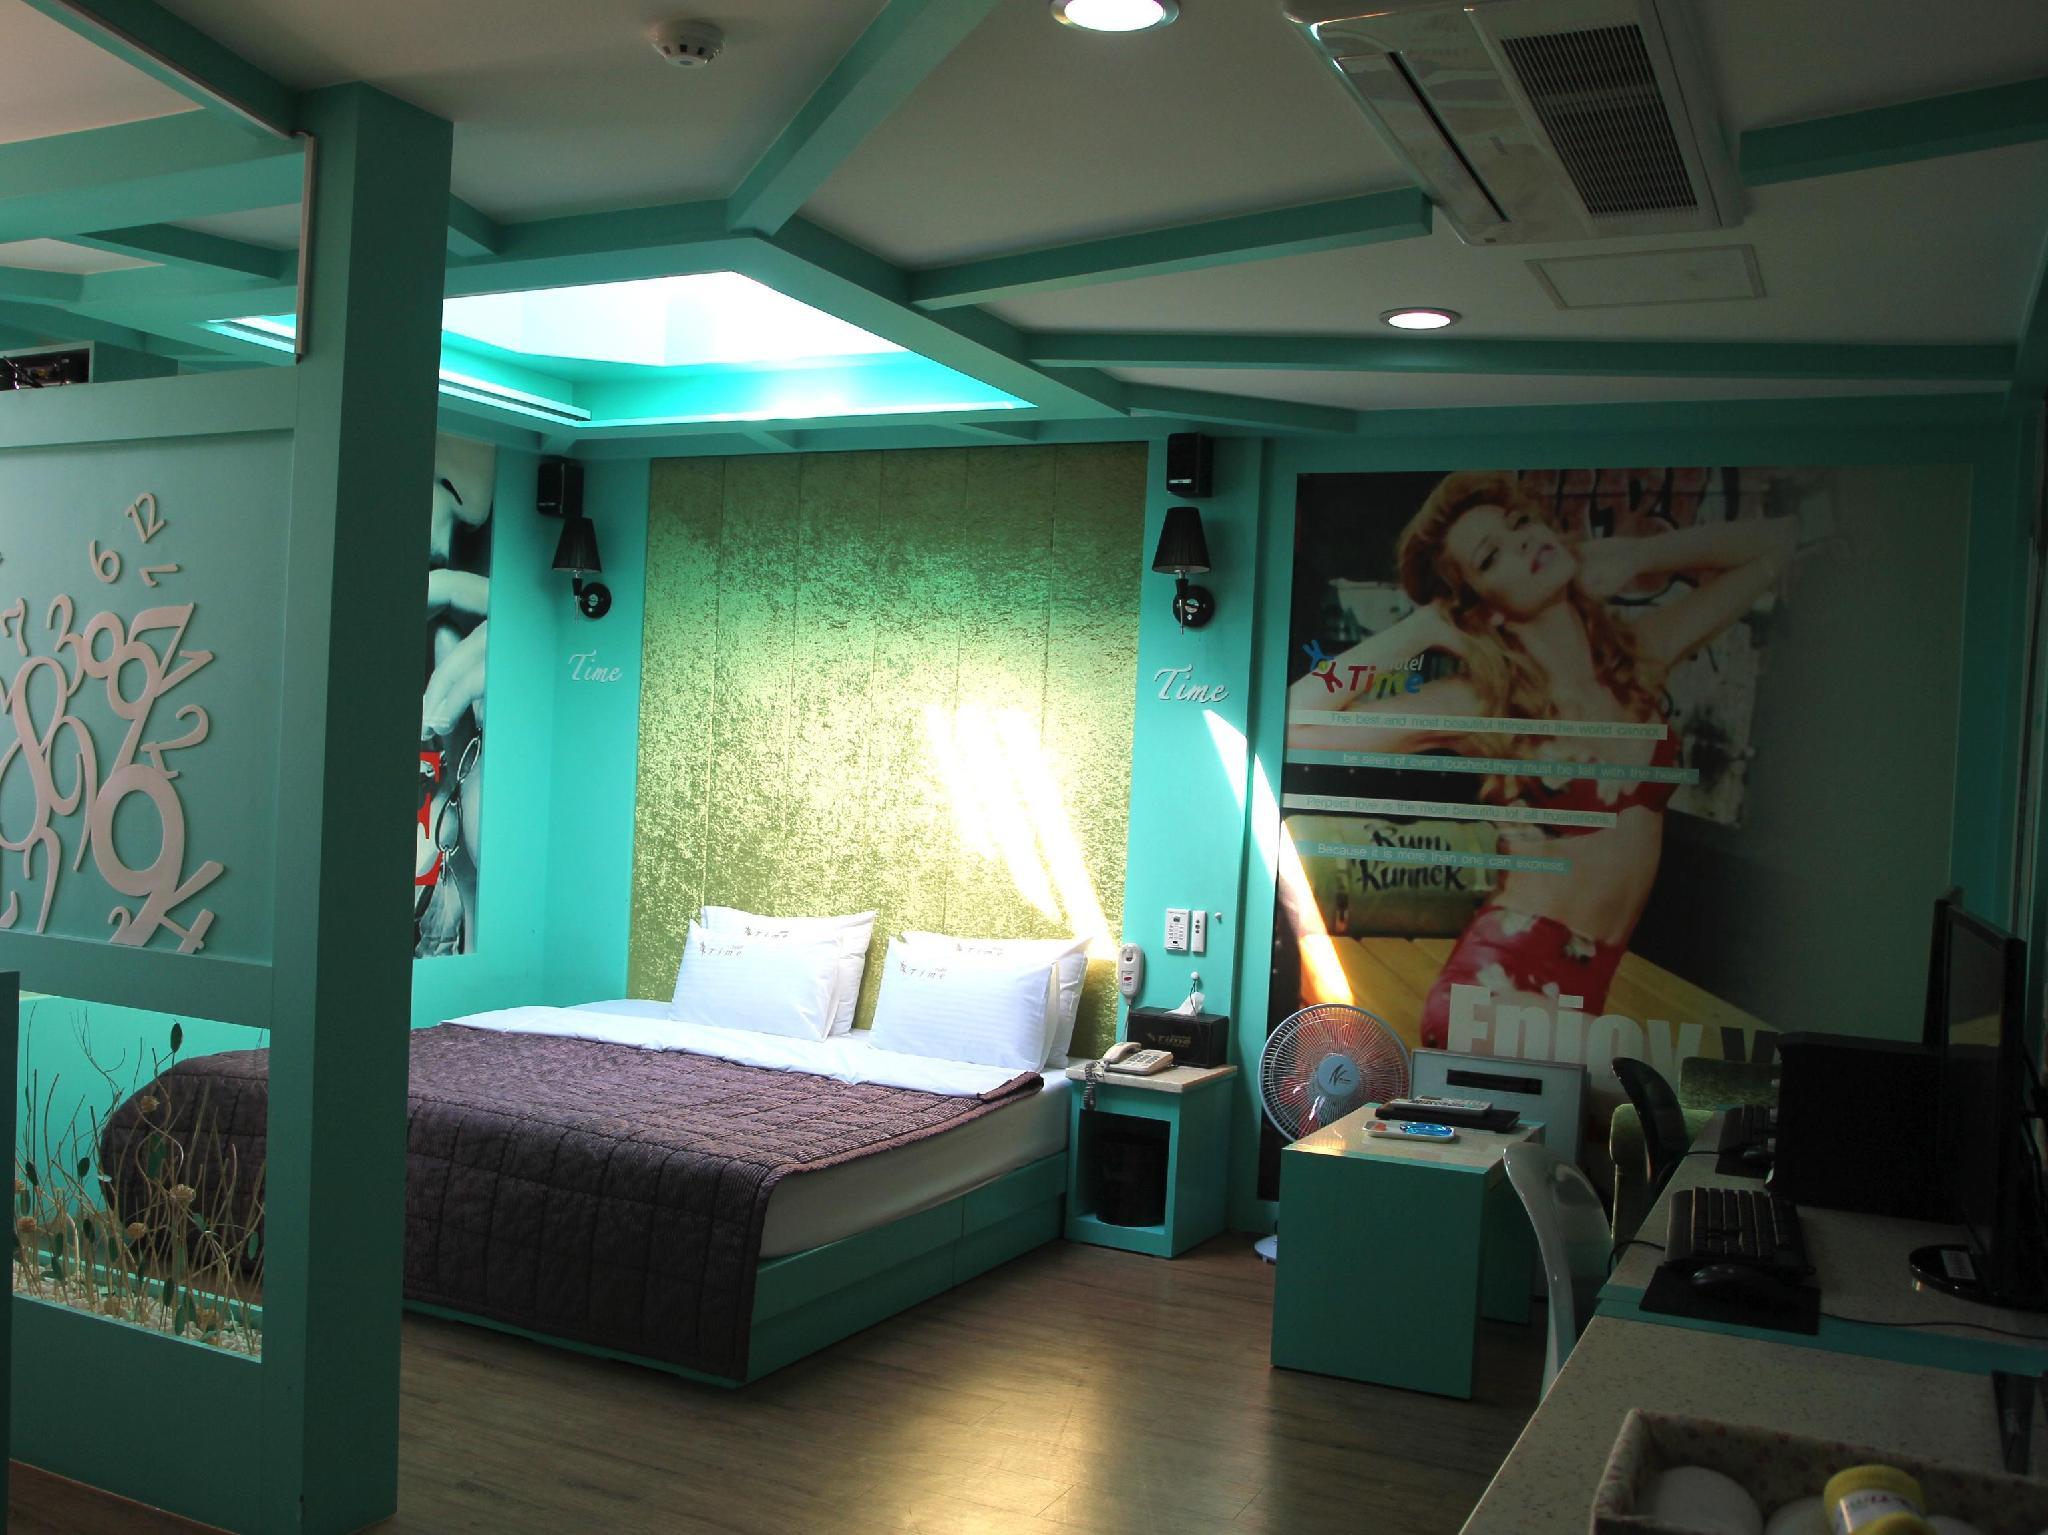 โรงแรม ไทม์ โมเต็ล เกียงจู  (Time Motel Gyeongju)